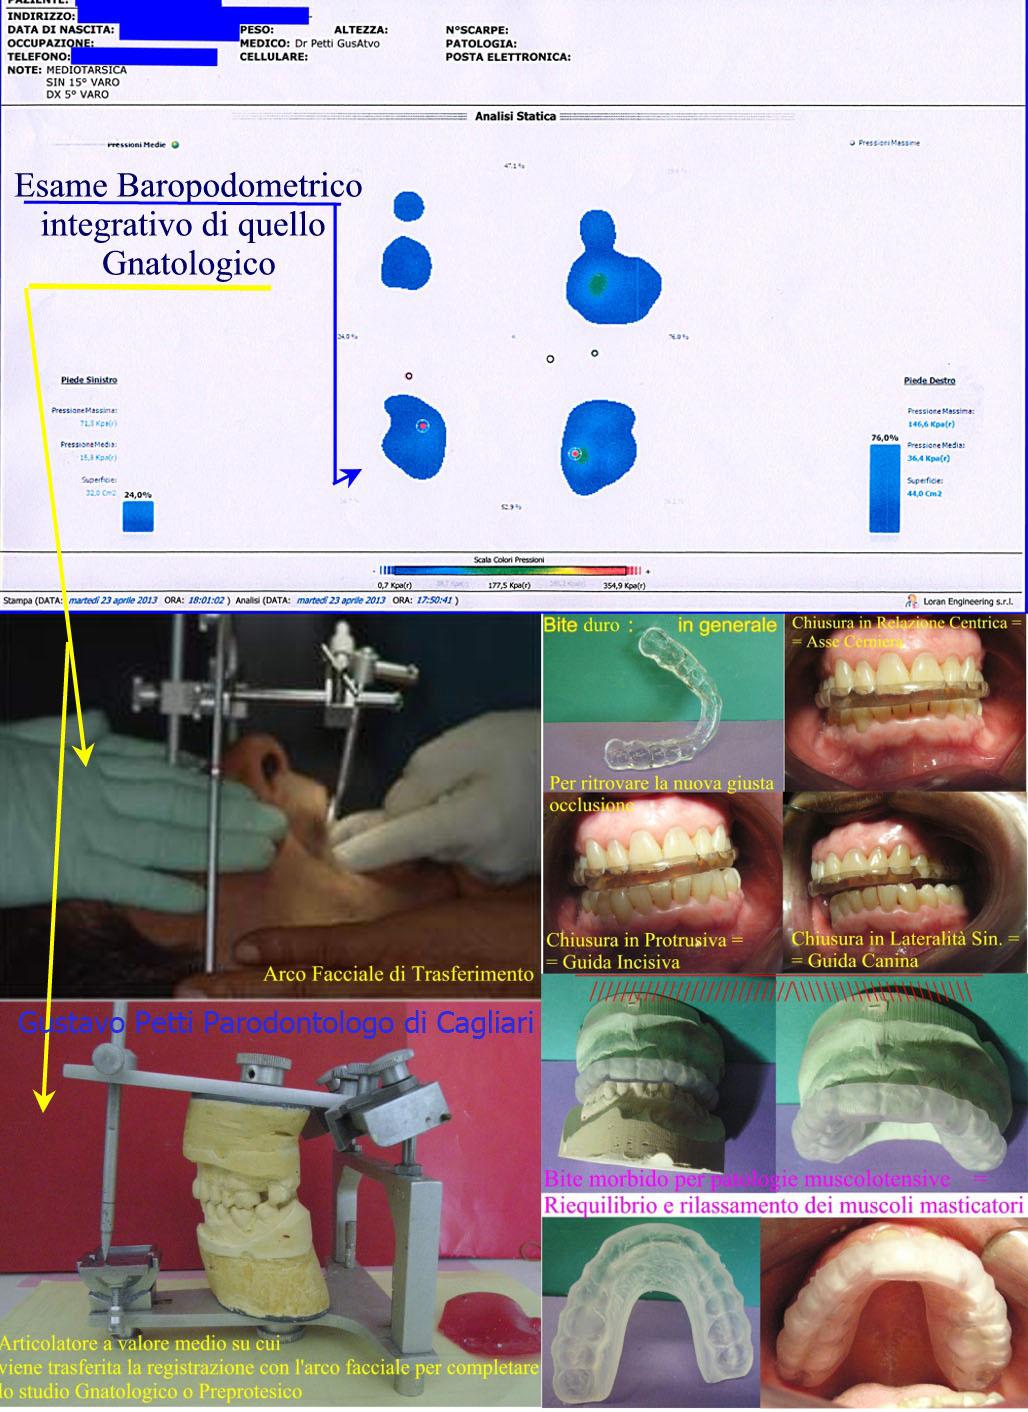 gnatologia-dr-g.petti-cagliari-42.jpg